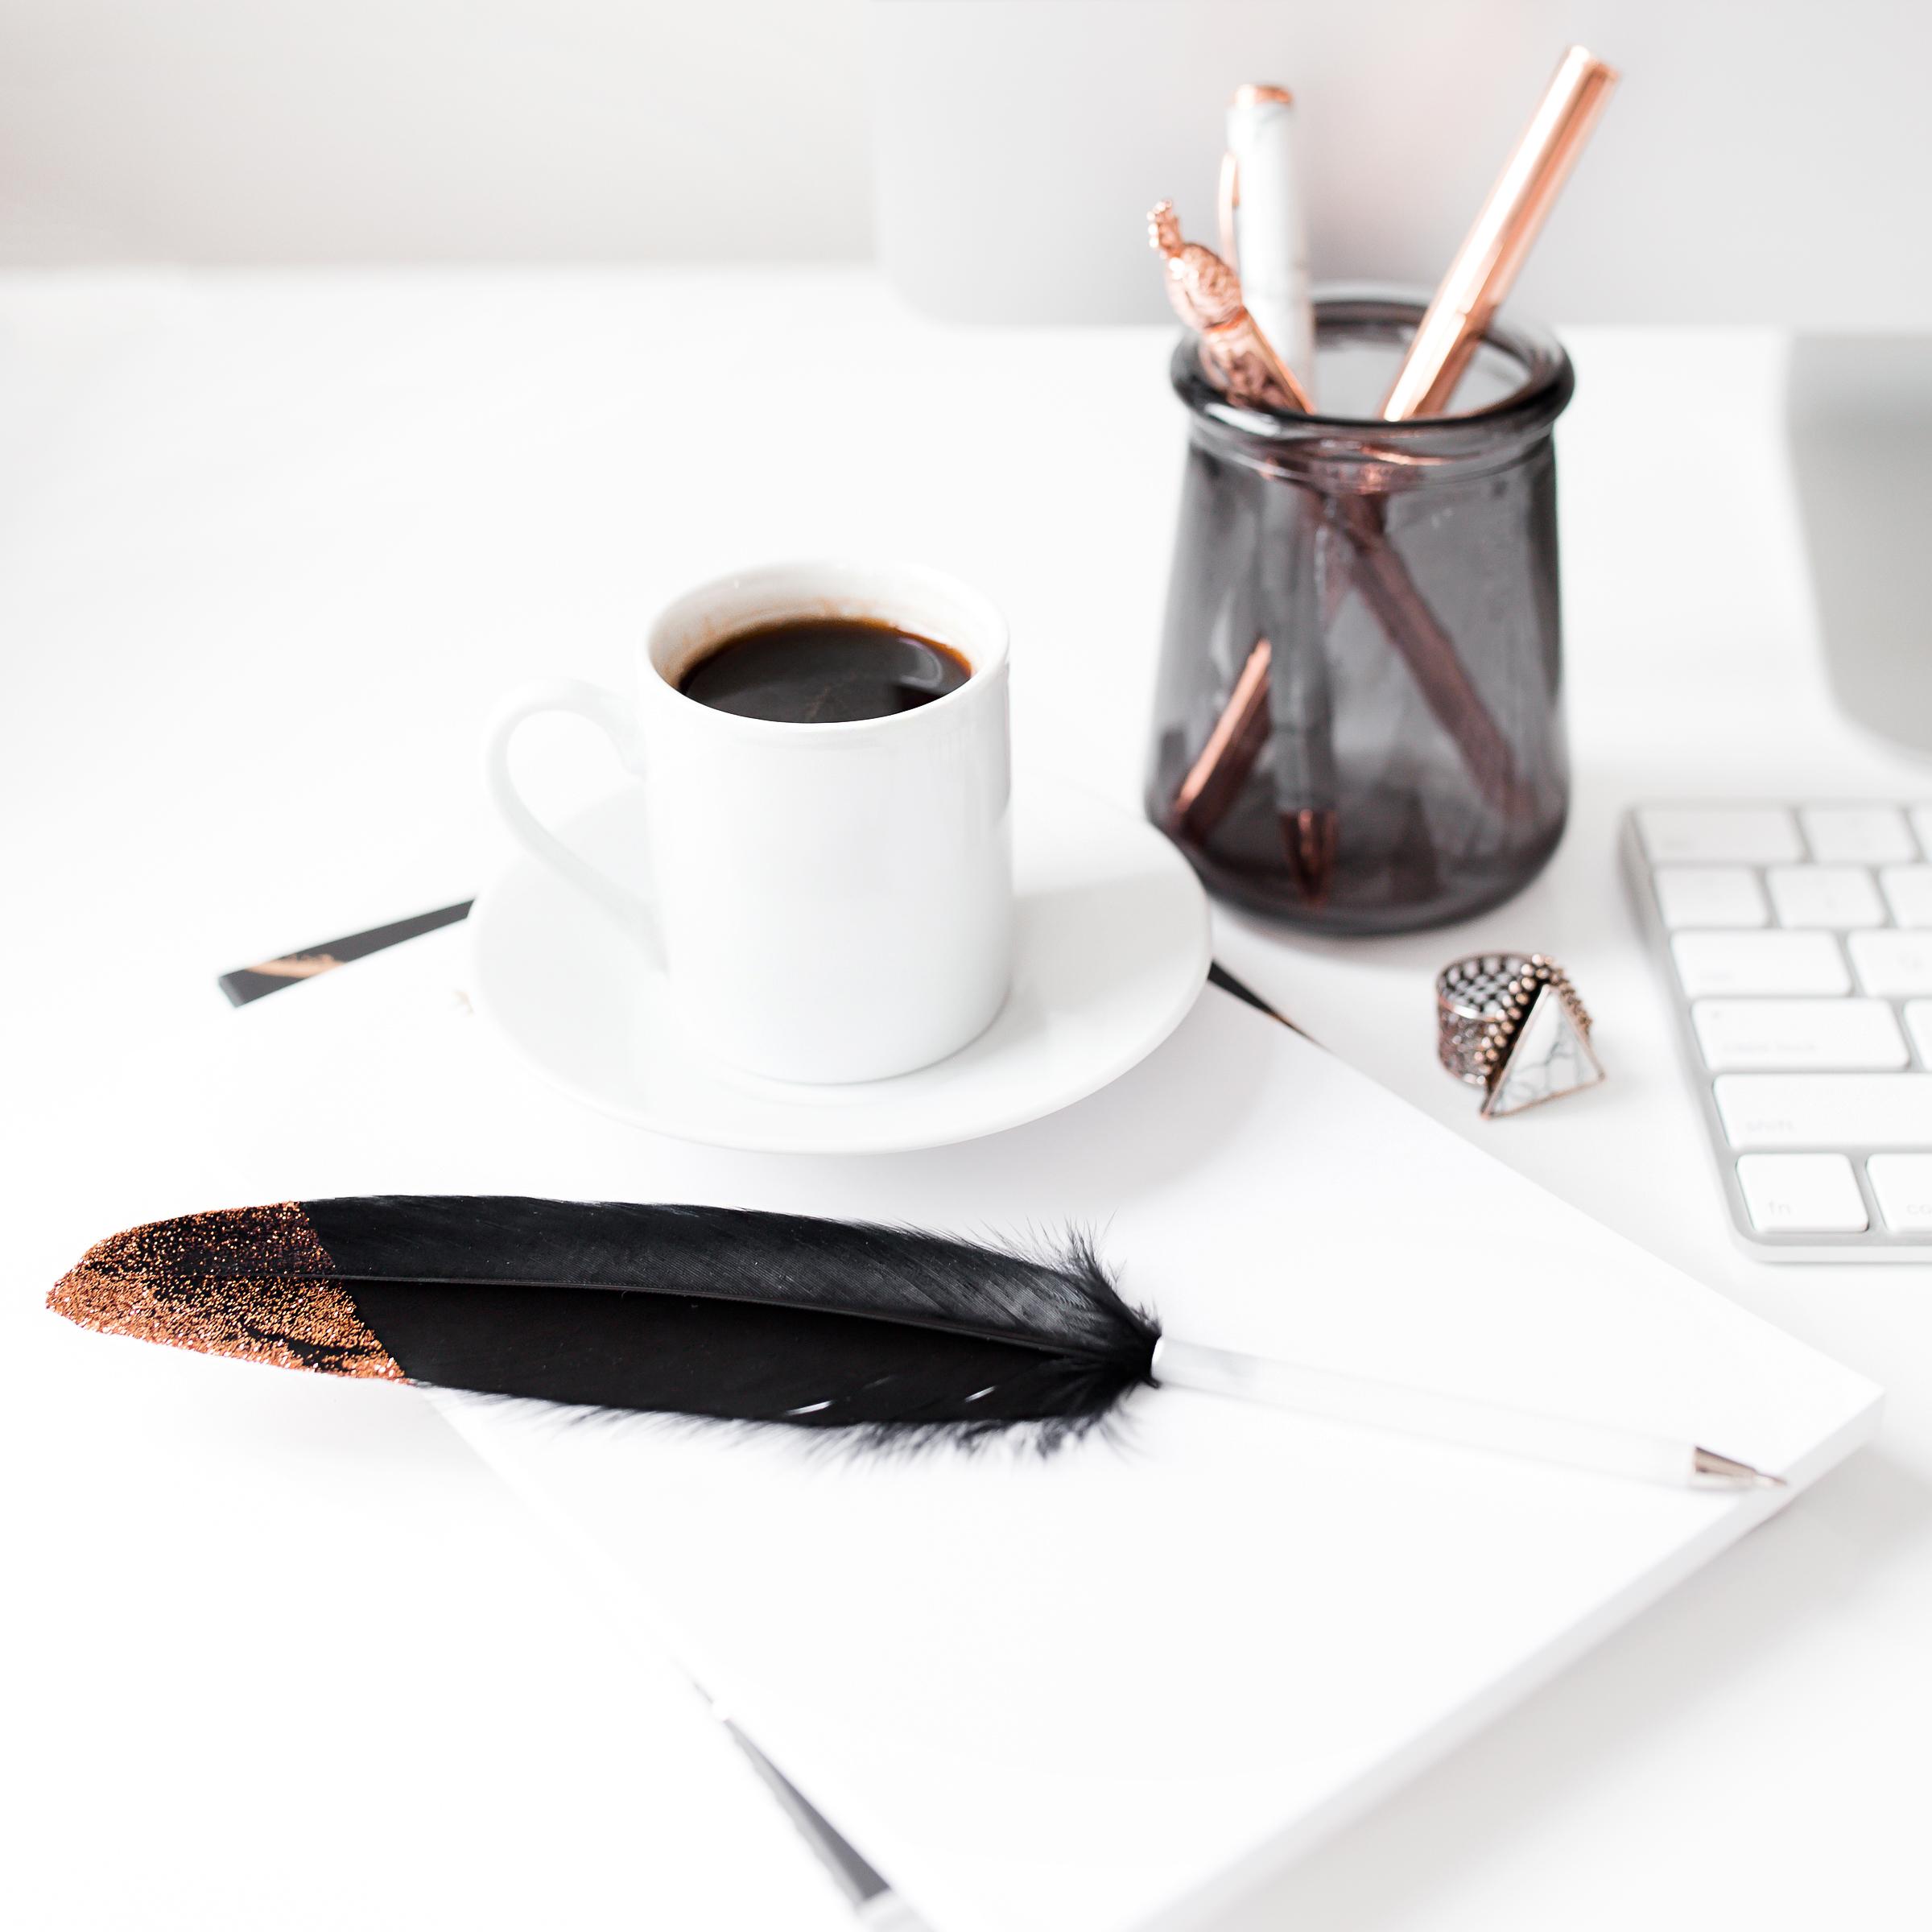 How I Quit My Full-Time Job For Blogging